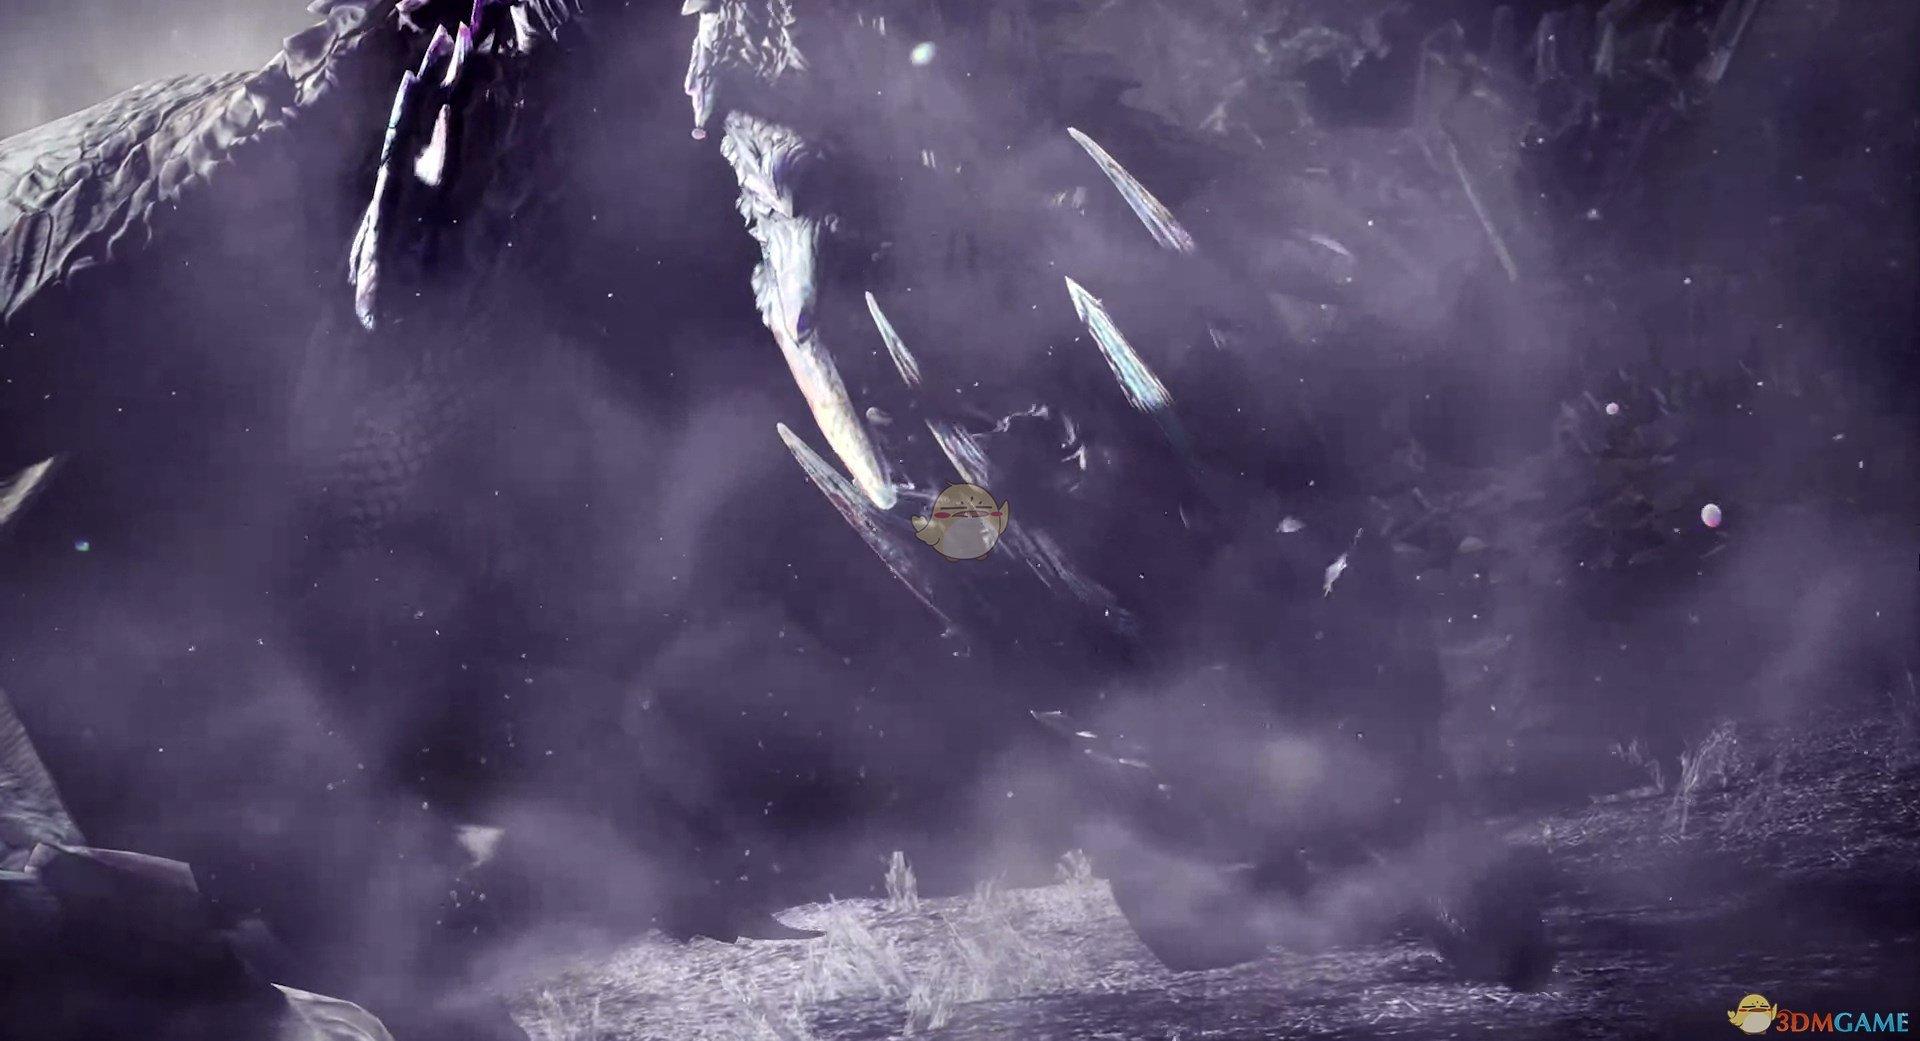 《怪物猎人:世界》冰原DLC片手的飞翔爪终结技使用技巧分享